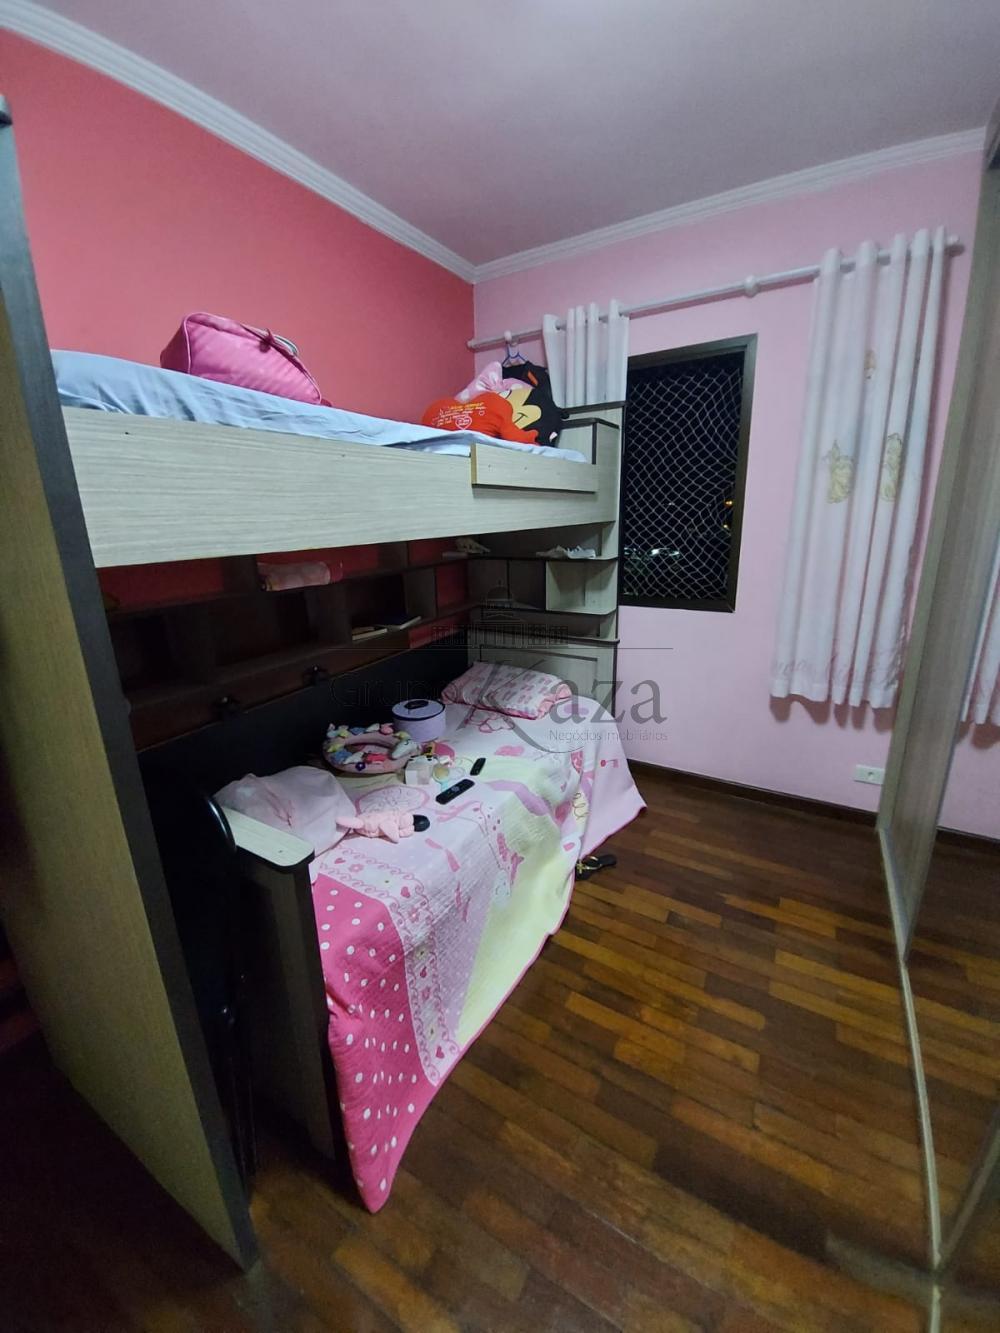 alt='Alugar Apartamento / Padrão em São José dos Campos R$ 2.750,00 - Foto 21' title='Alugar Apartamento / Padrão em São José dos Campos R$ 2.750,00 - Foto 21'